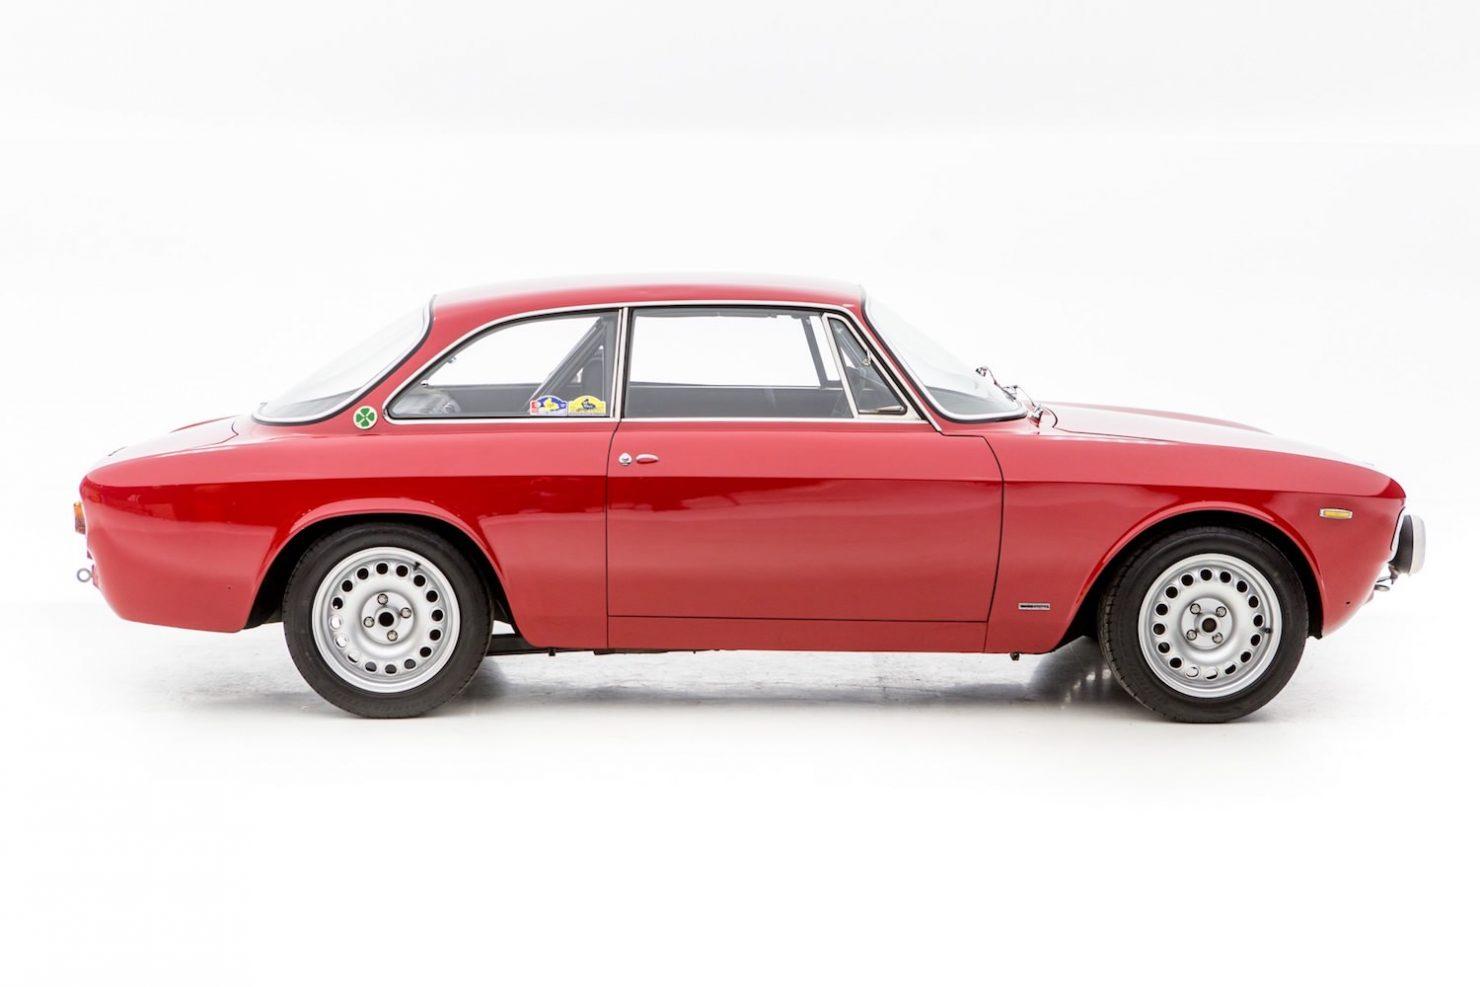 alfa romeo sprint gt veloce 25 1480x987 - 1967 Alfa Romeo Sprint GT Veloce